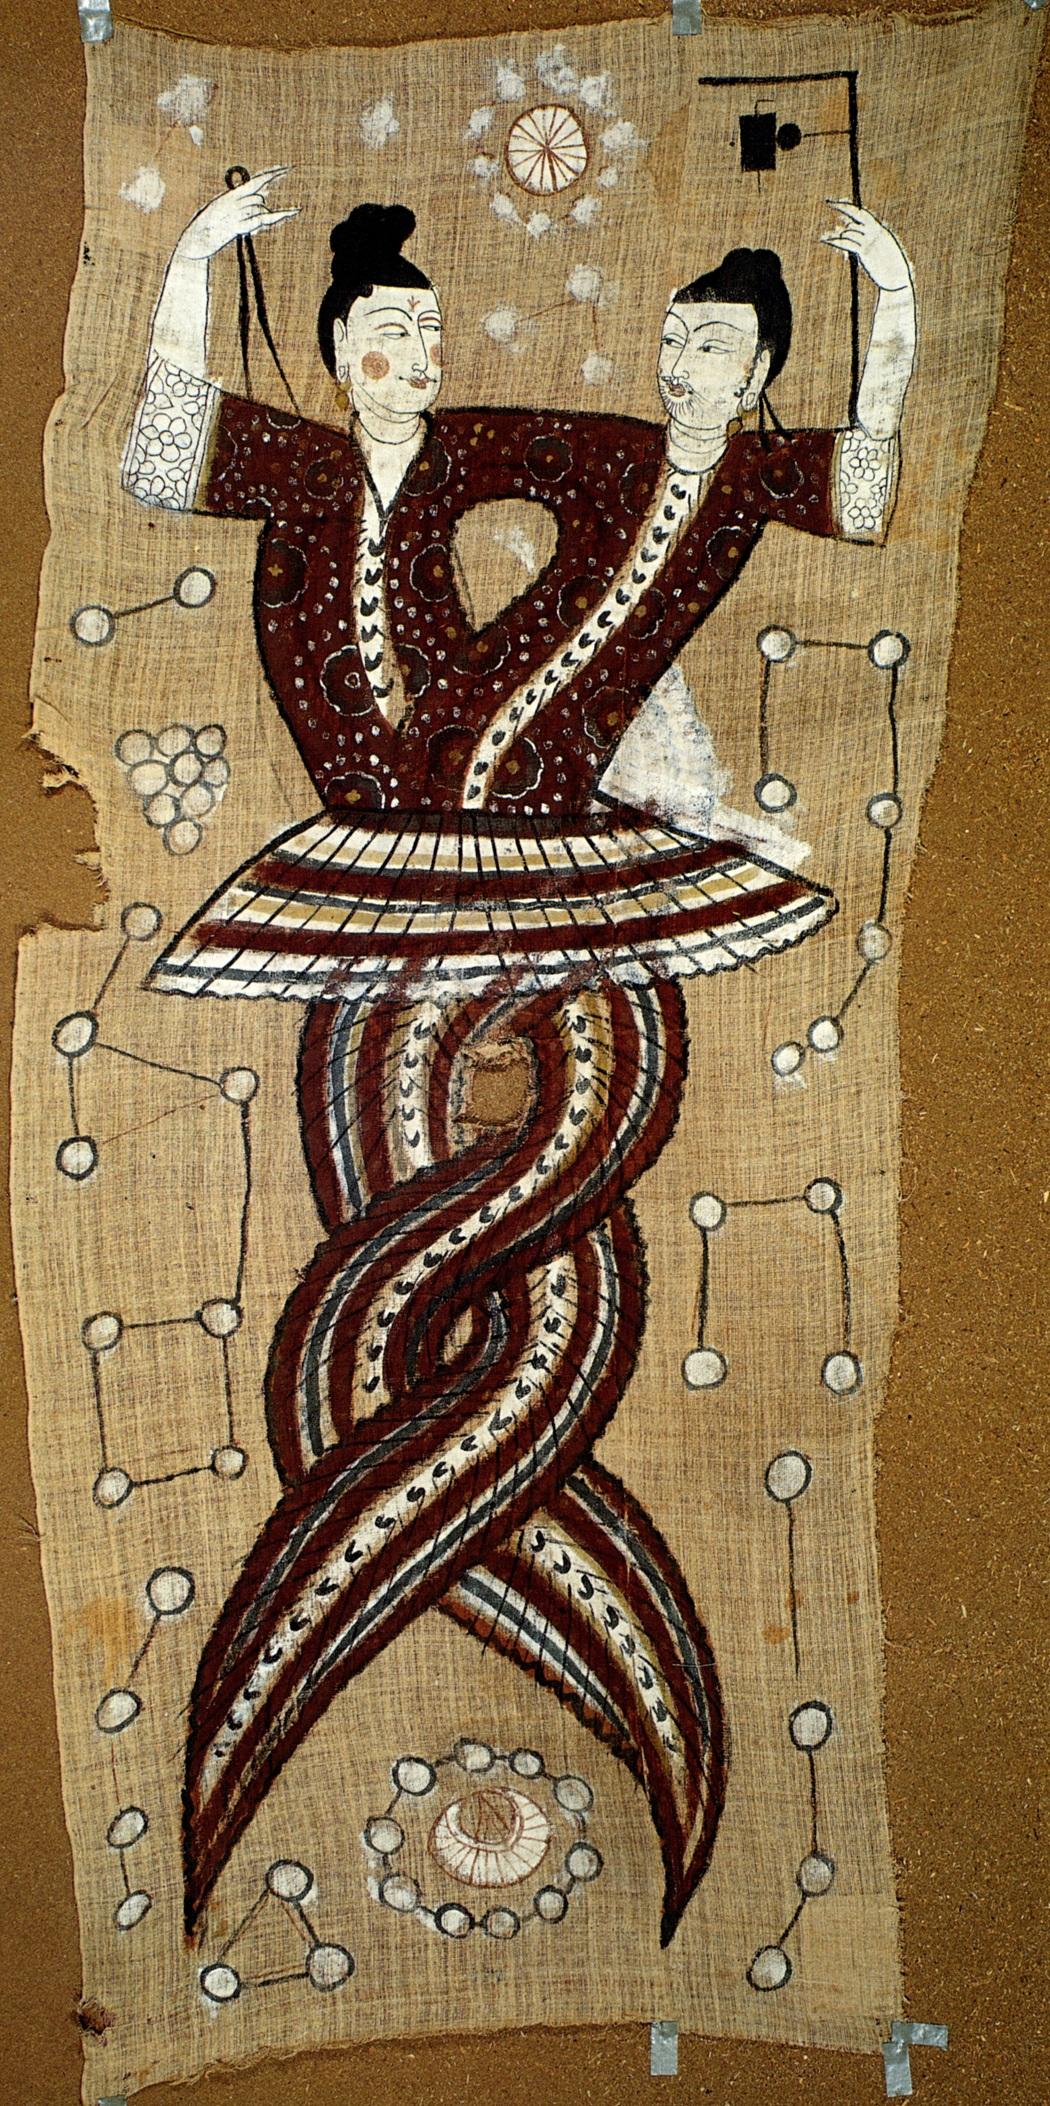 唐代人首蛇身伏羲女娲图:女娲执规,伏羲执矩。(维基百科公共领域)